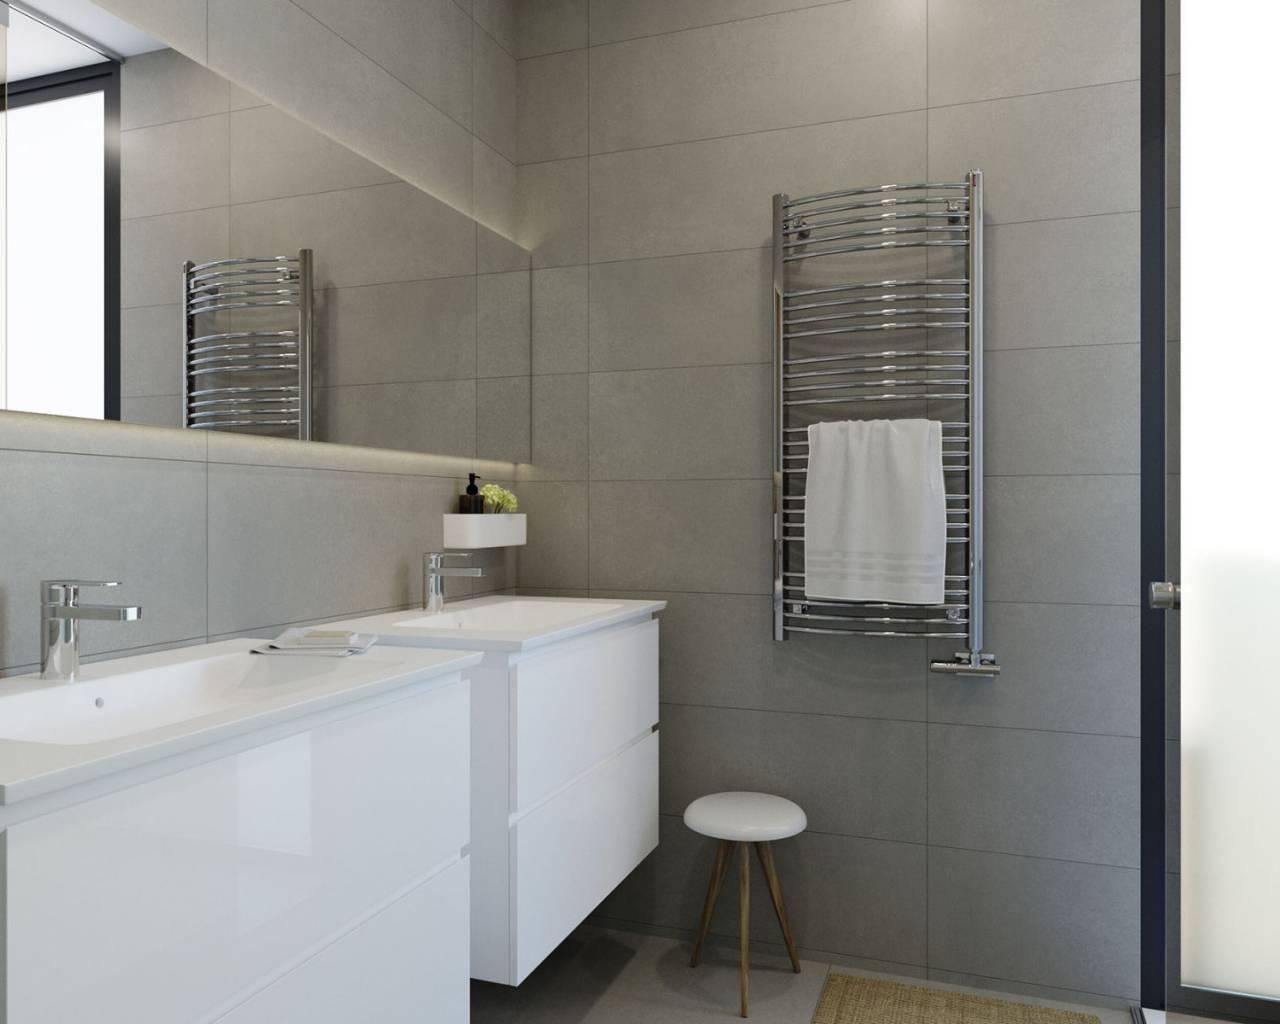 nieuwbouw-appartement-montforte-del-cid-font-del-llop_3127_xl